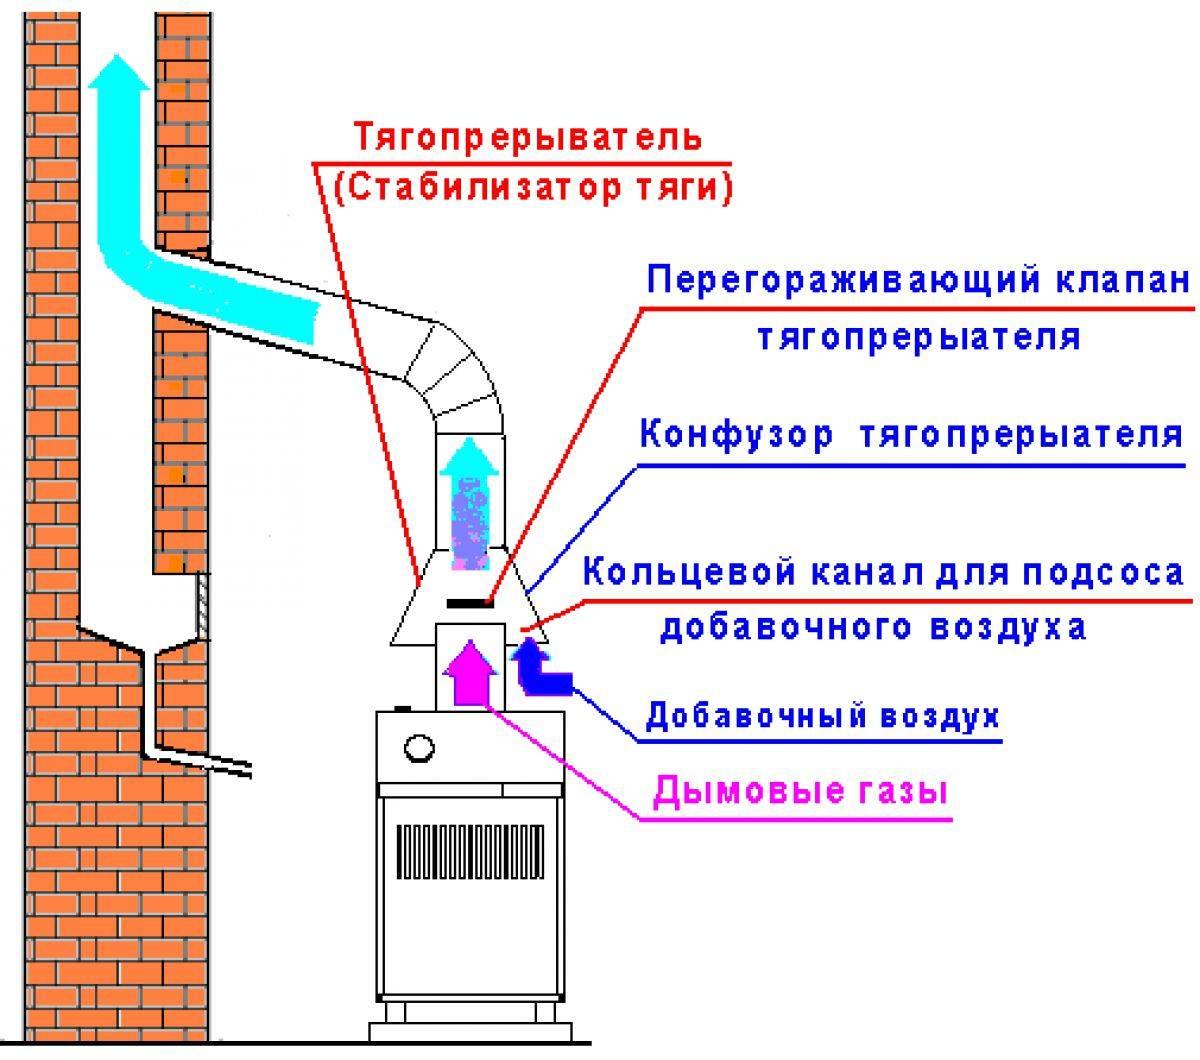 Калькулятор проверки уровня естественной тяги дымохода